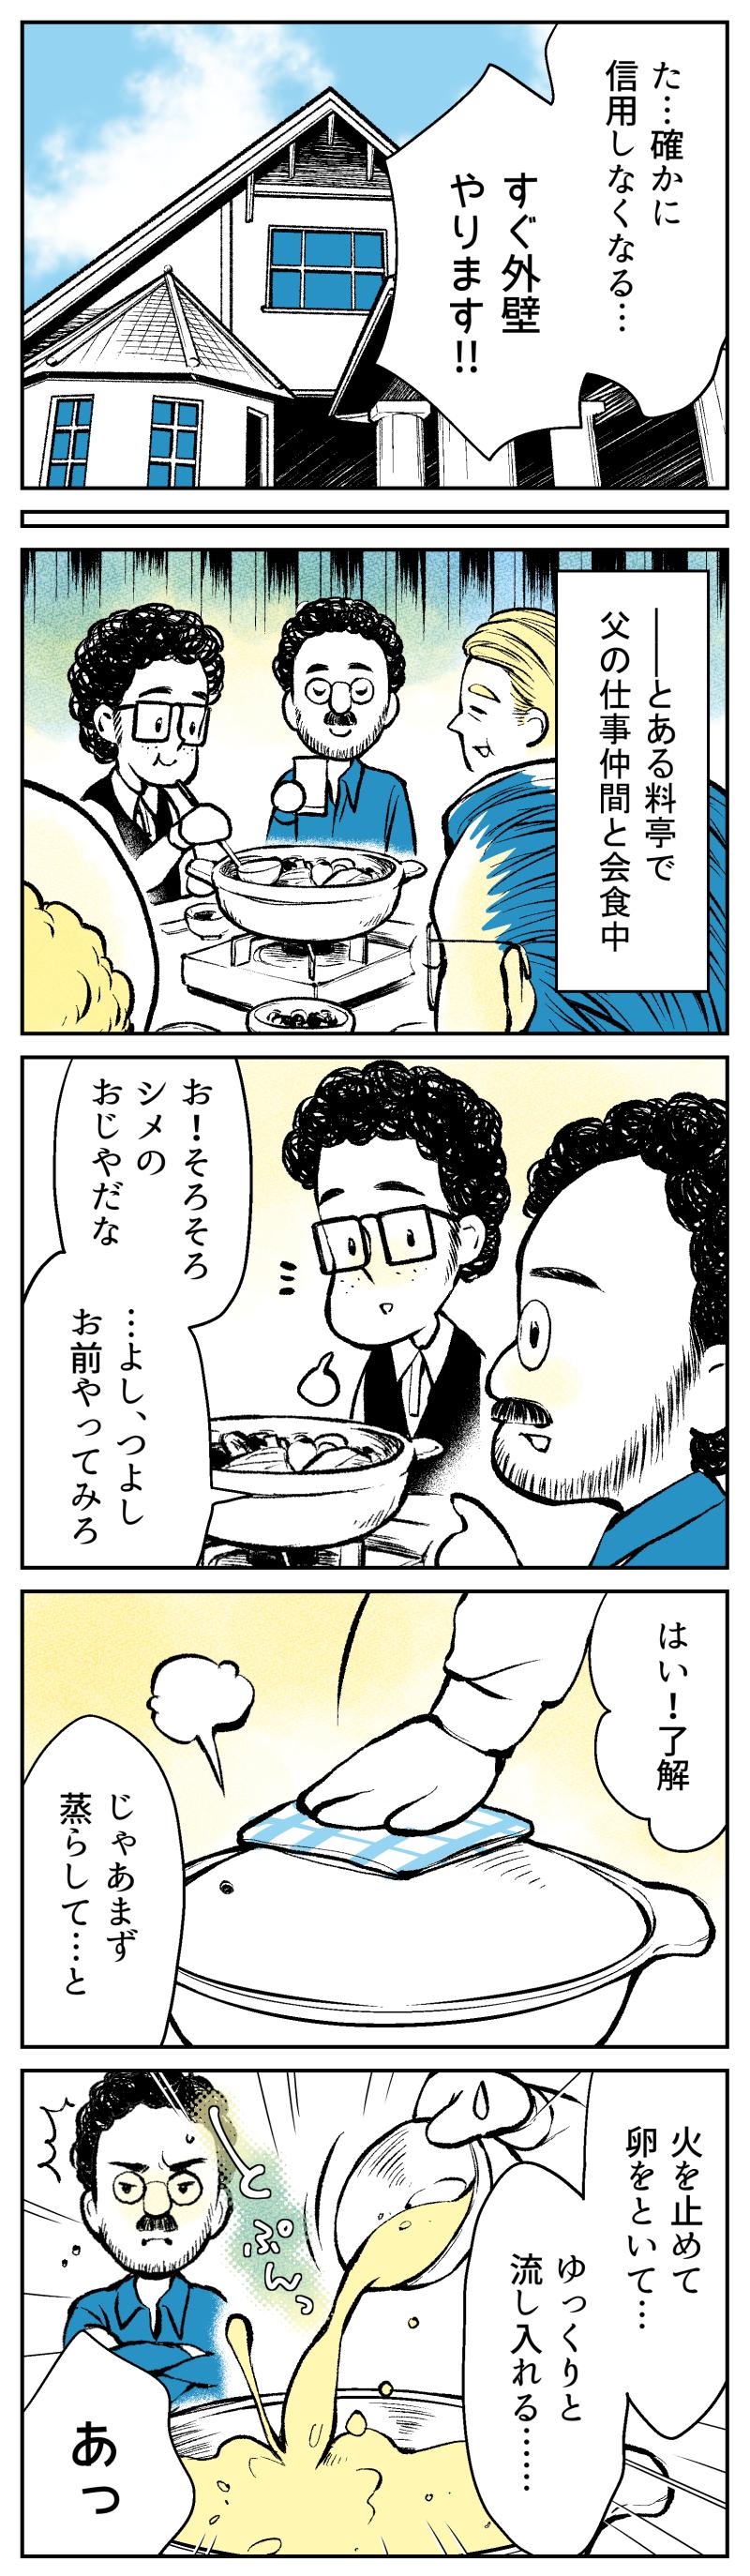 伯爵4話_009.jpg